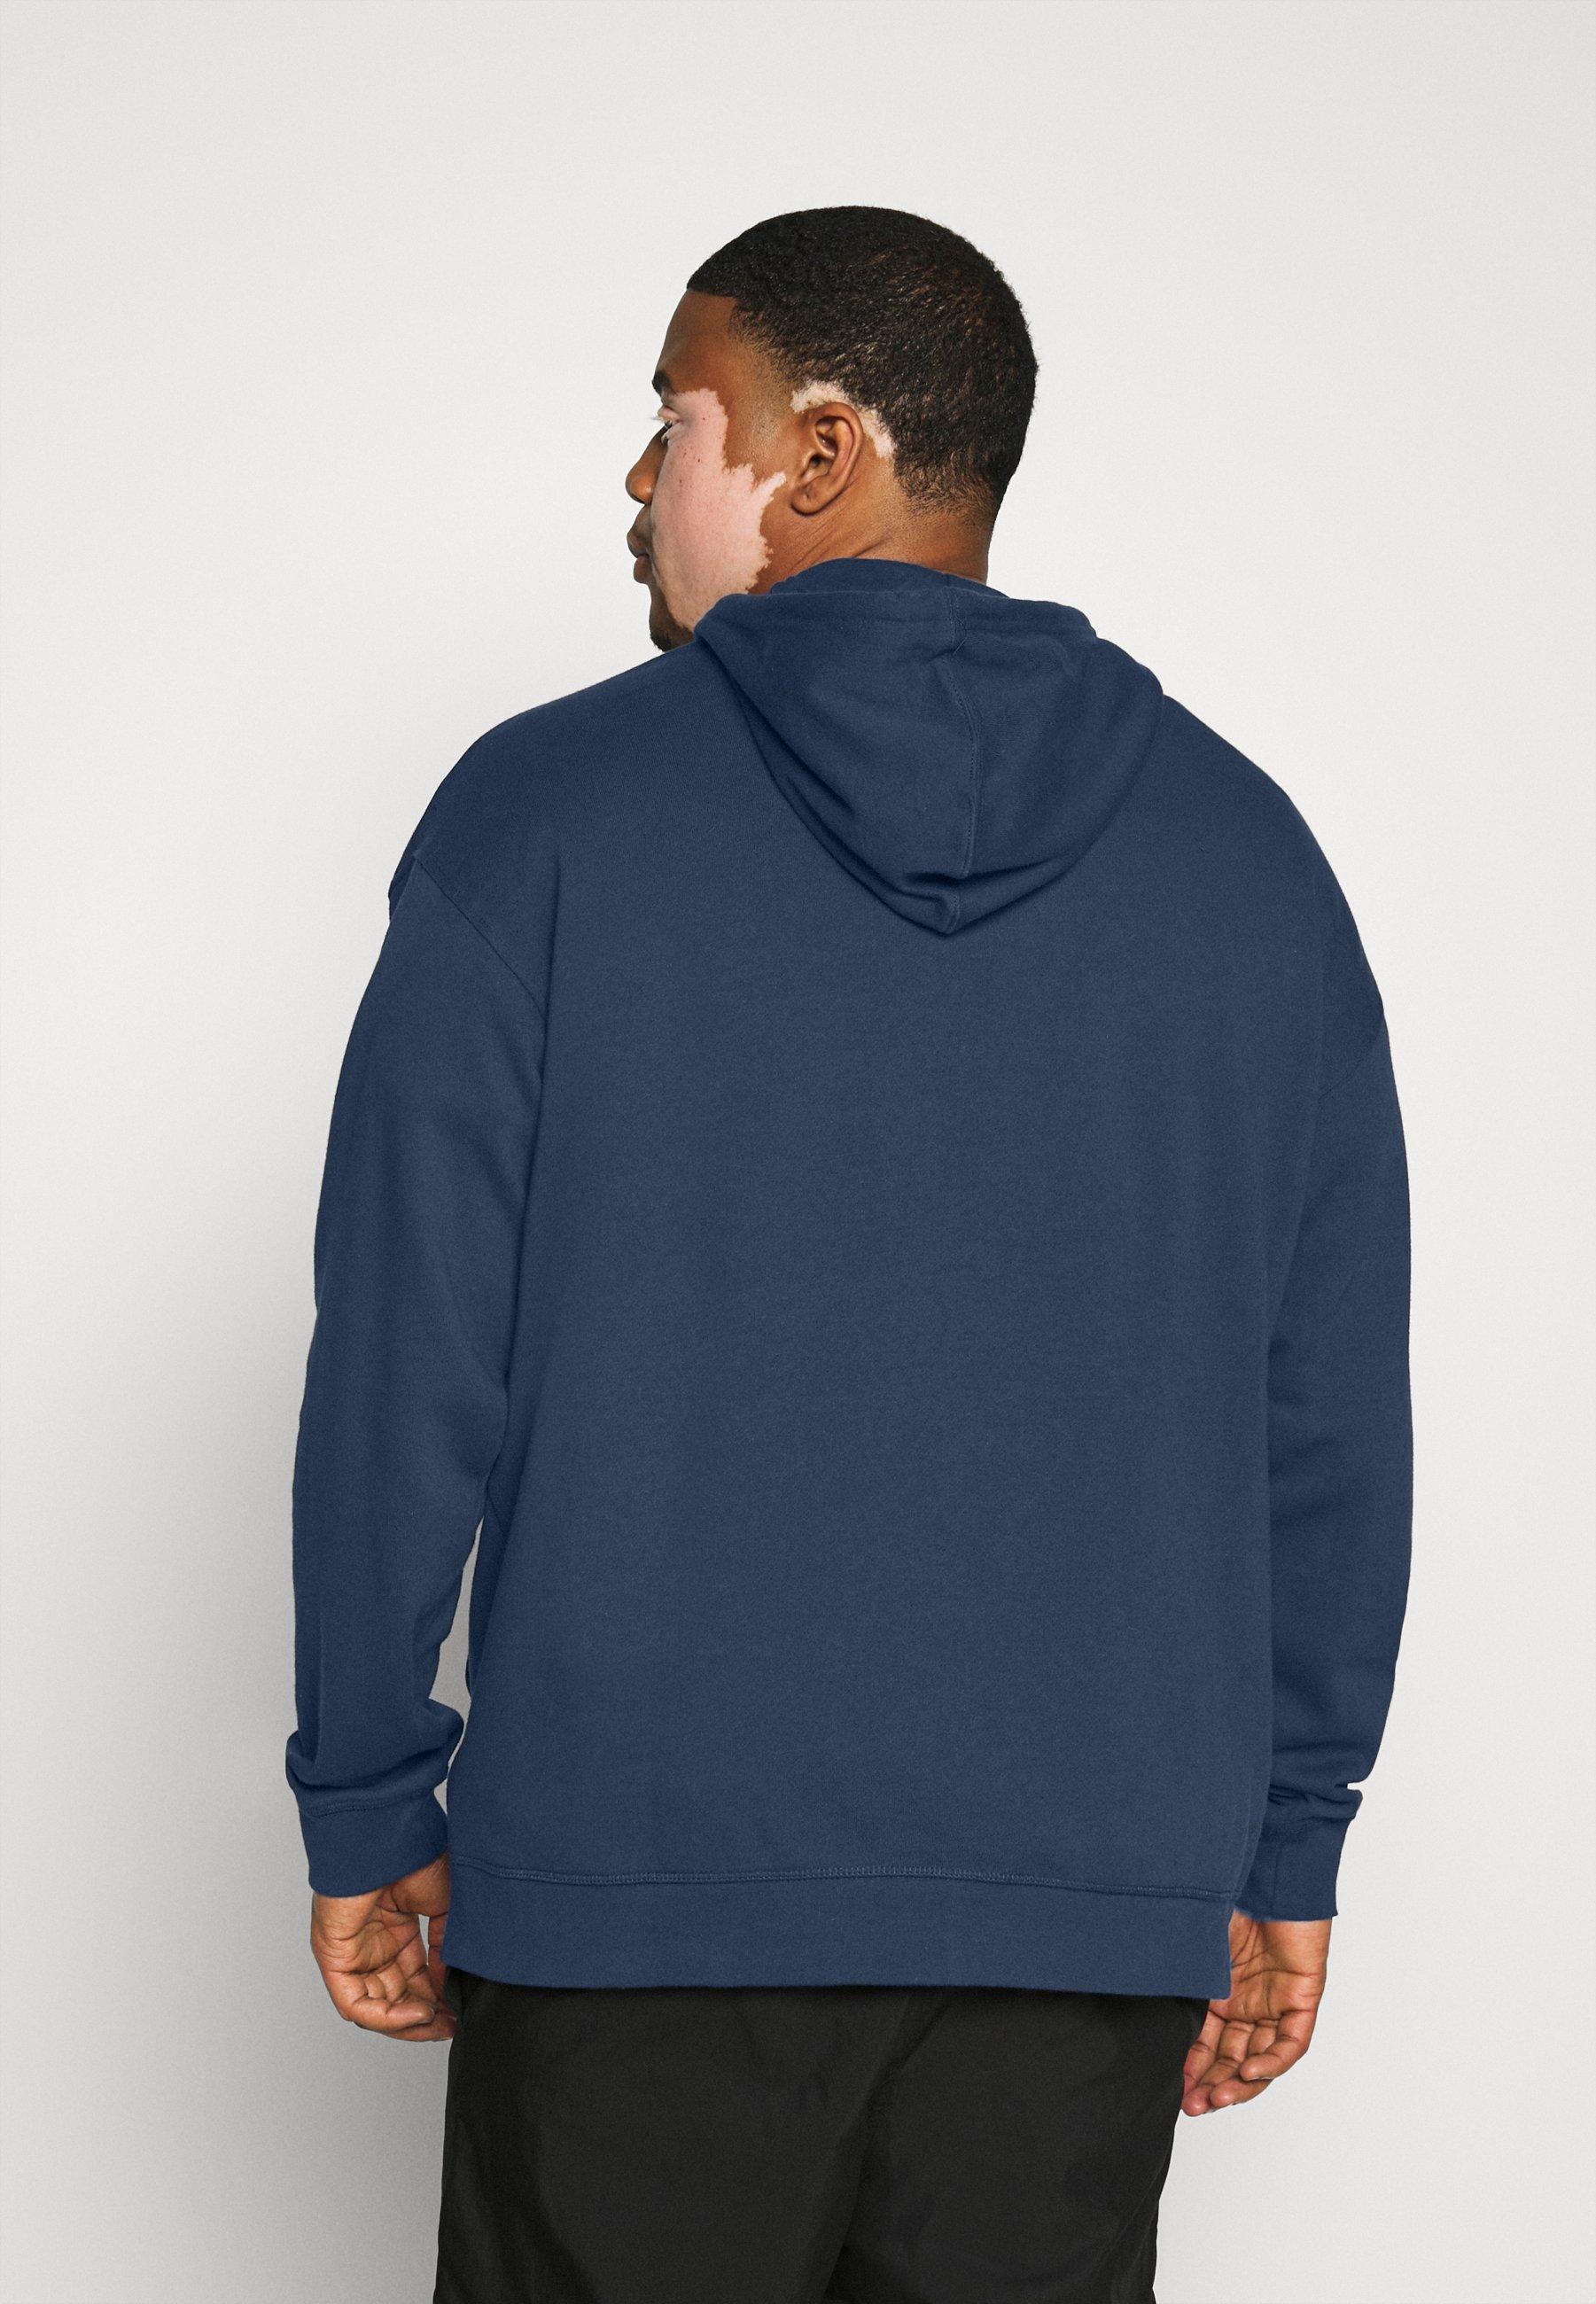 Pepe Jeans BATES - Tunn jacka - deepsea blau/gråmelerad - Herr Vinterkläder IPzU4